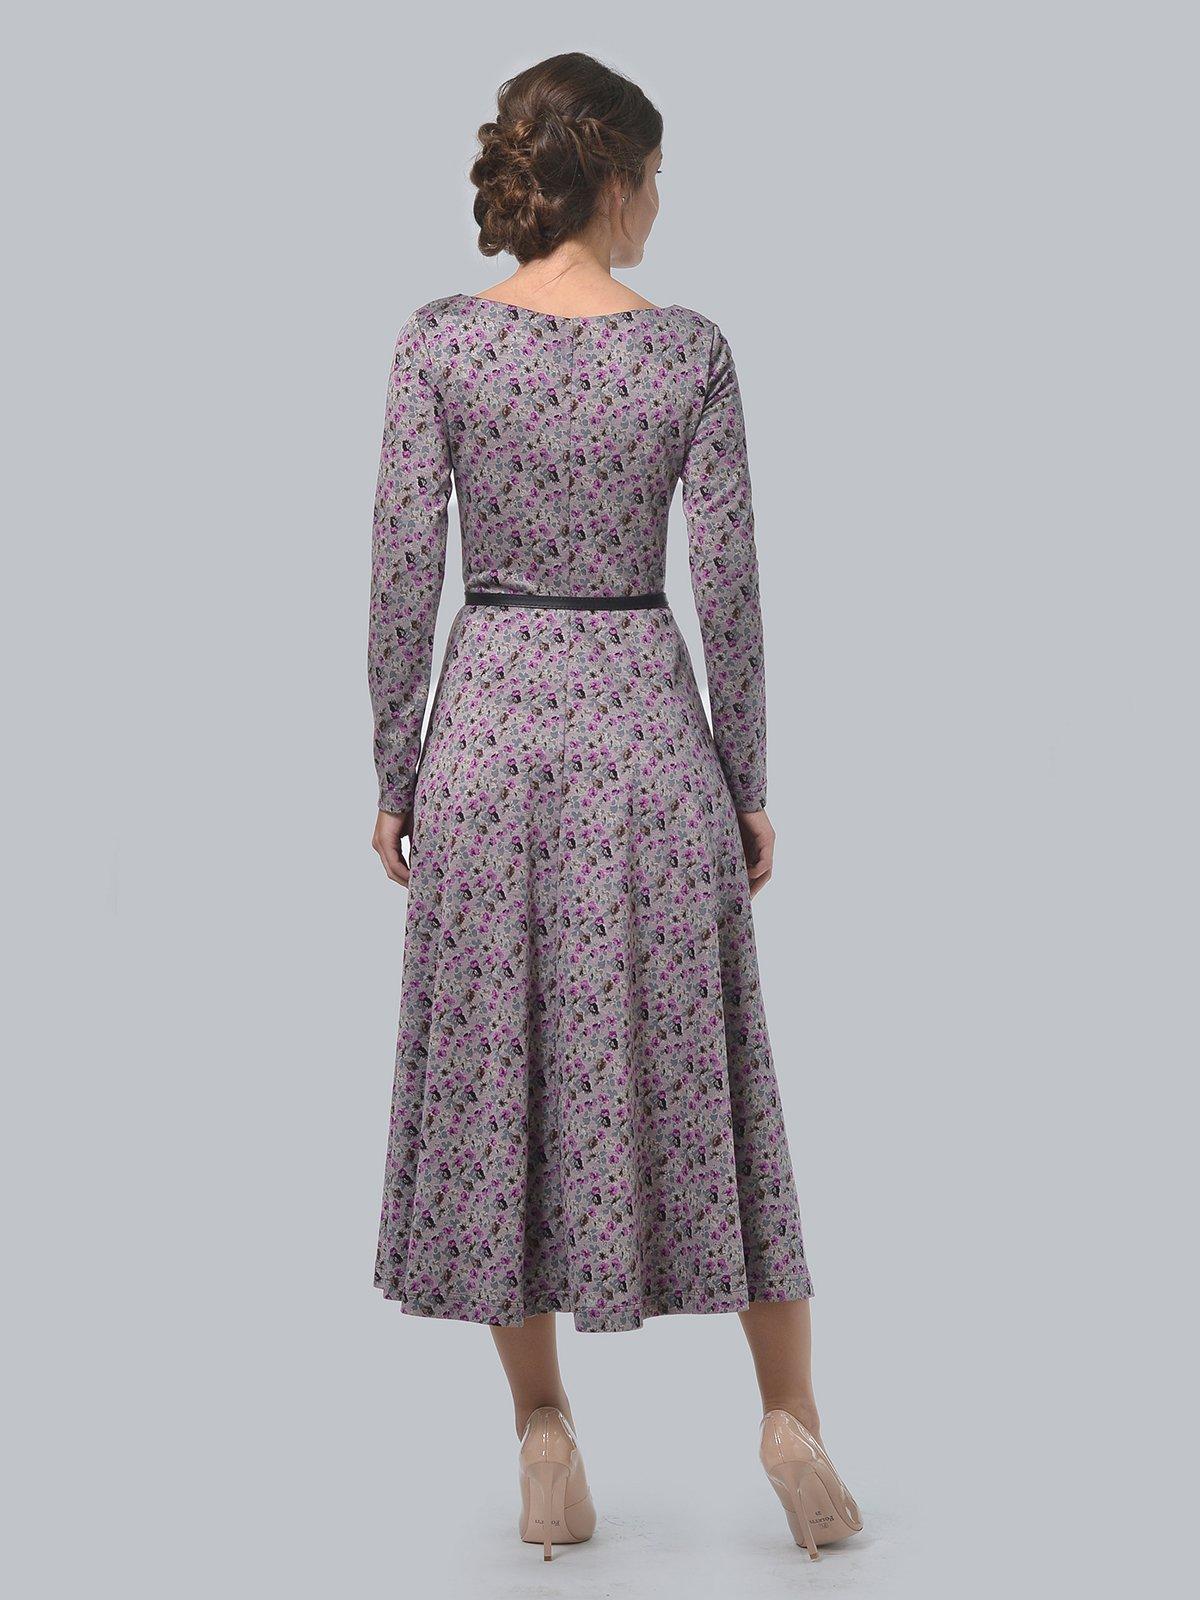 Платье в принт | 3621692 | фото 3